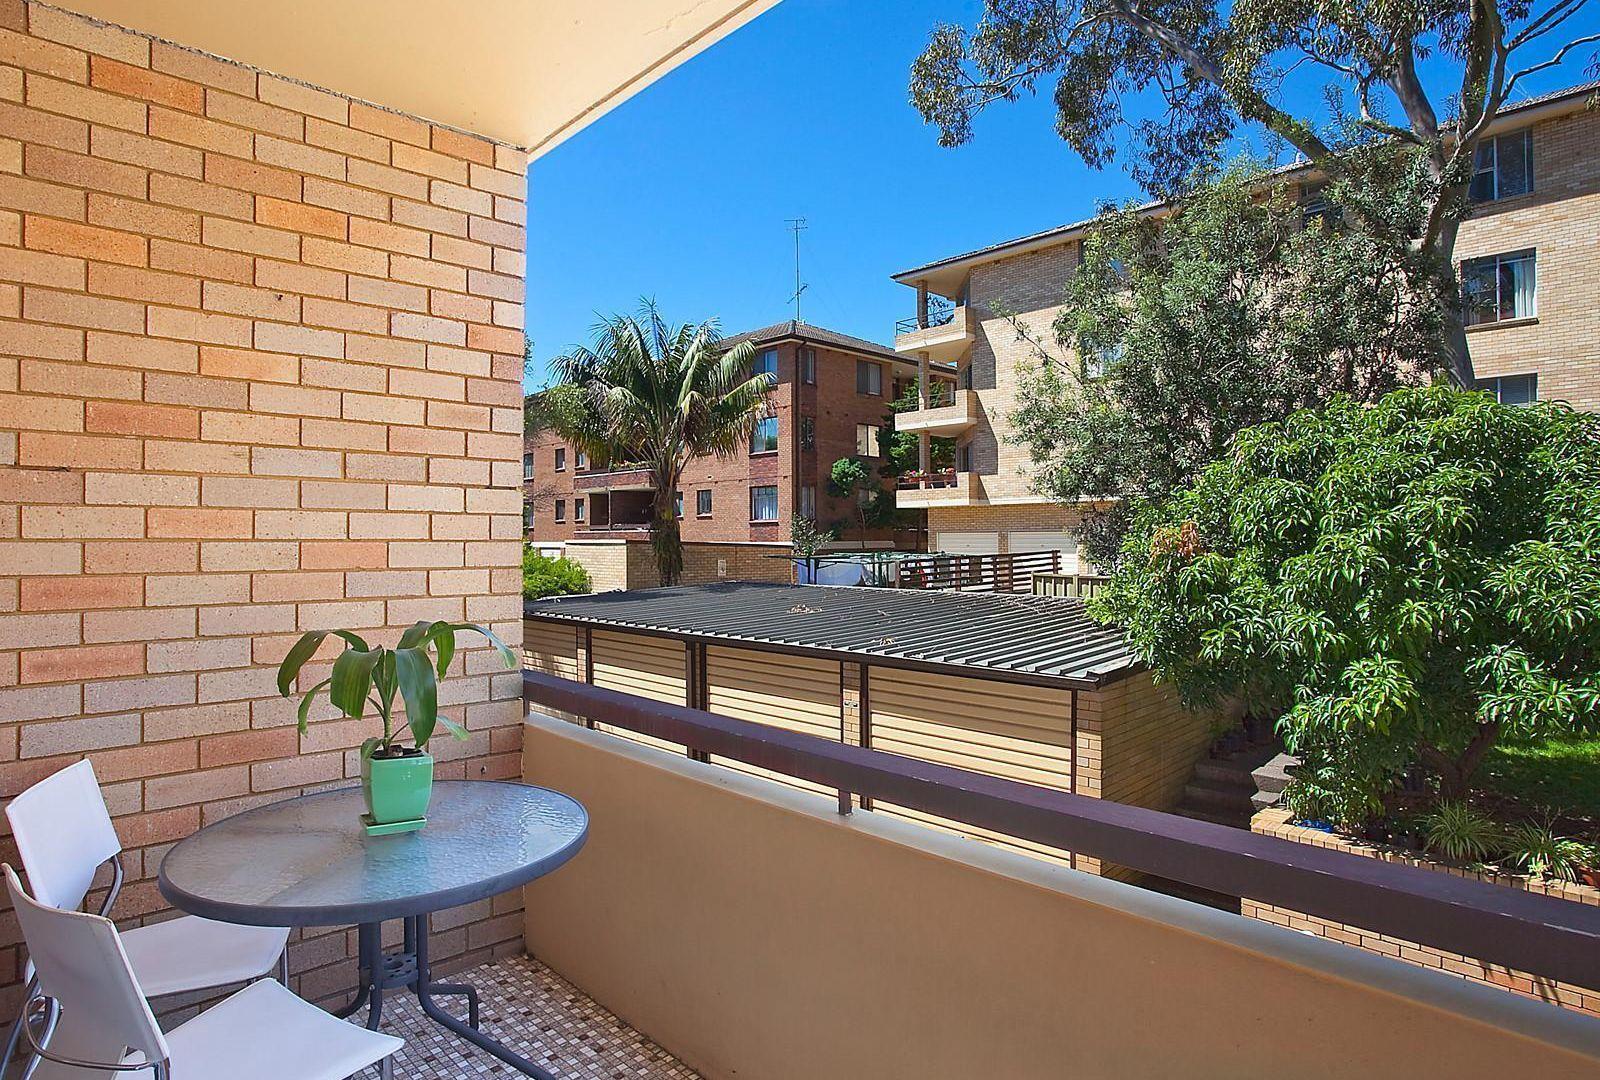 3/61 Warialda Street, Kogarah NSW 2217, Image 1